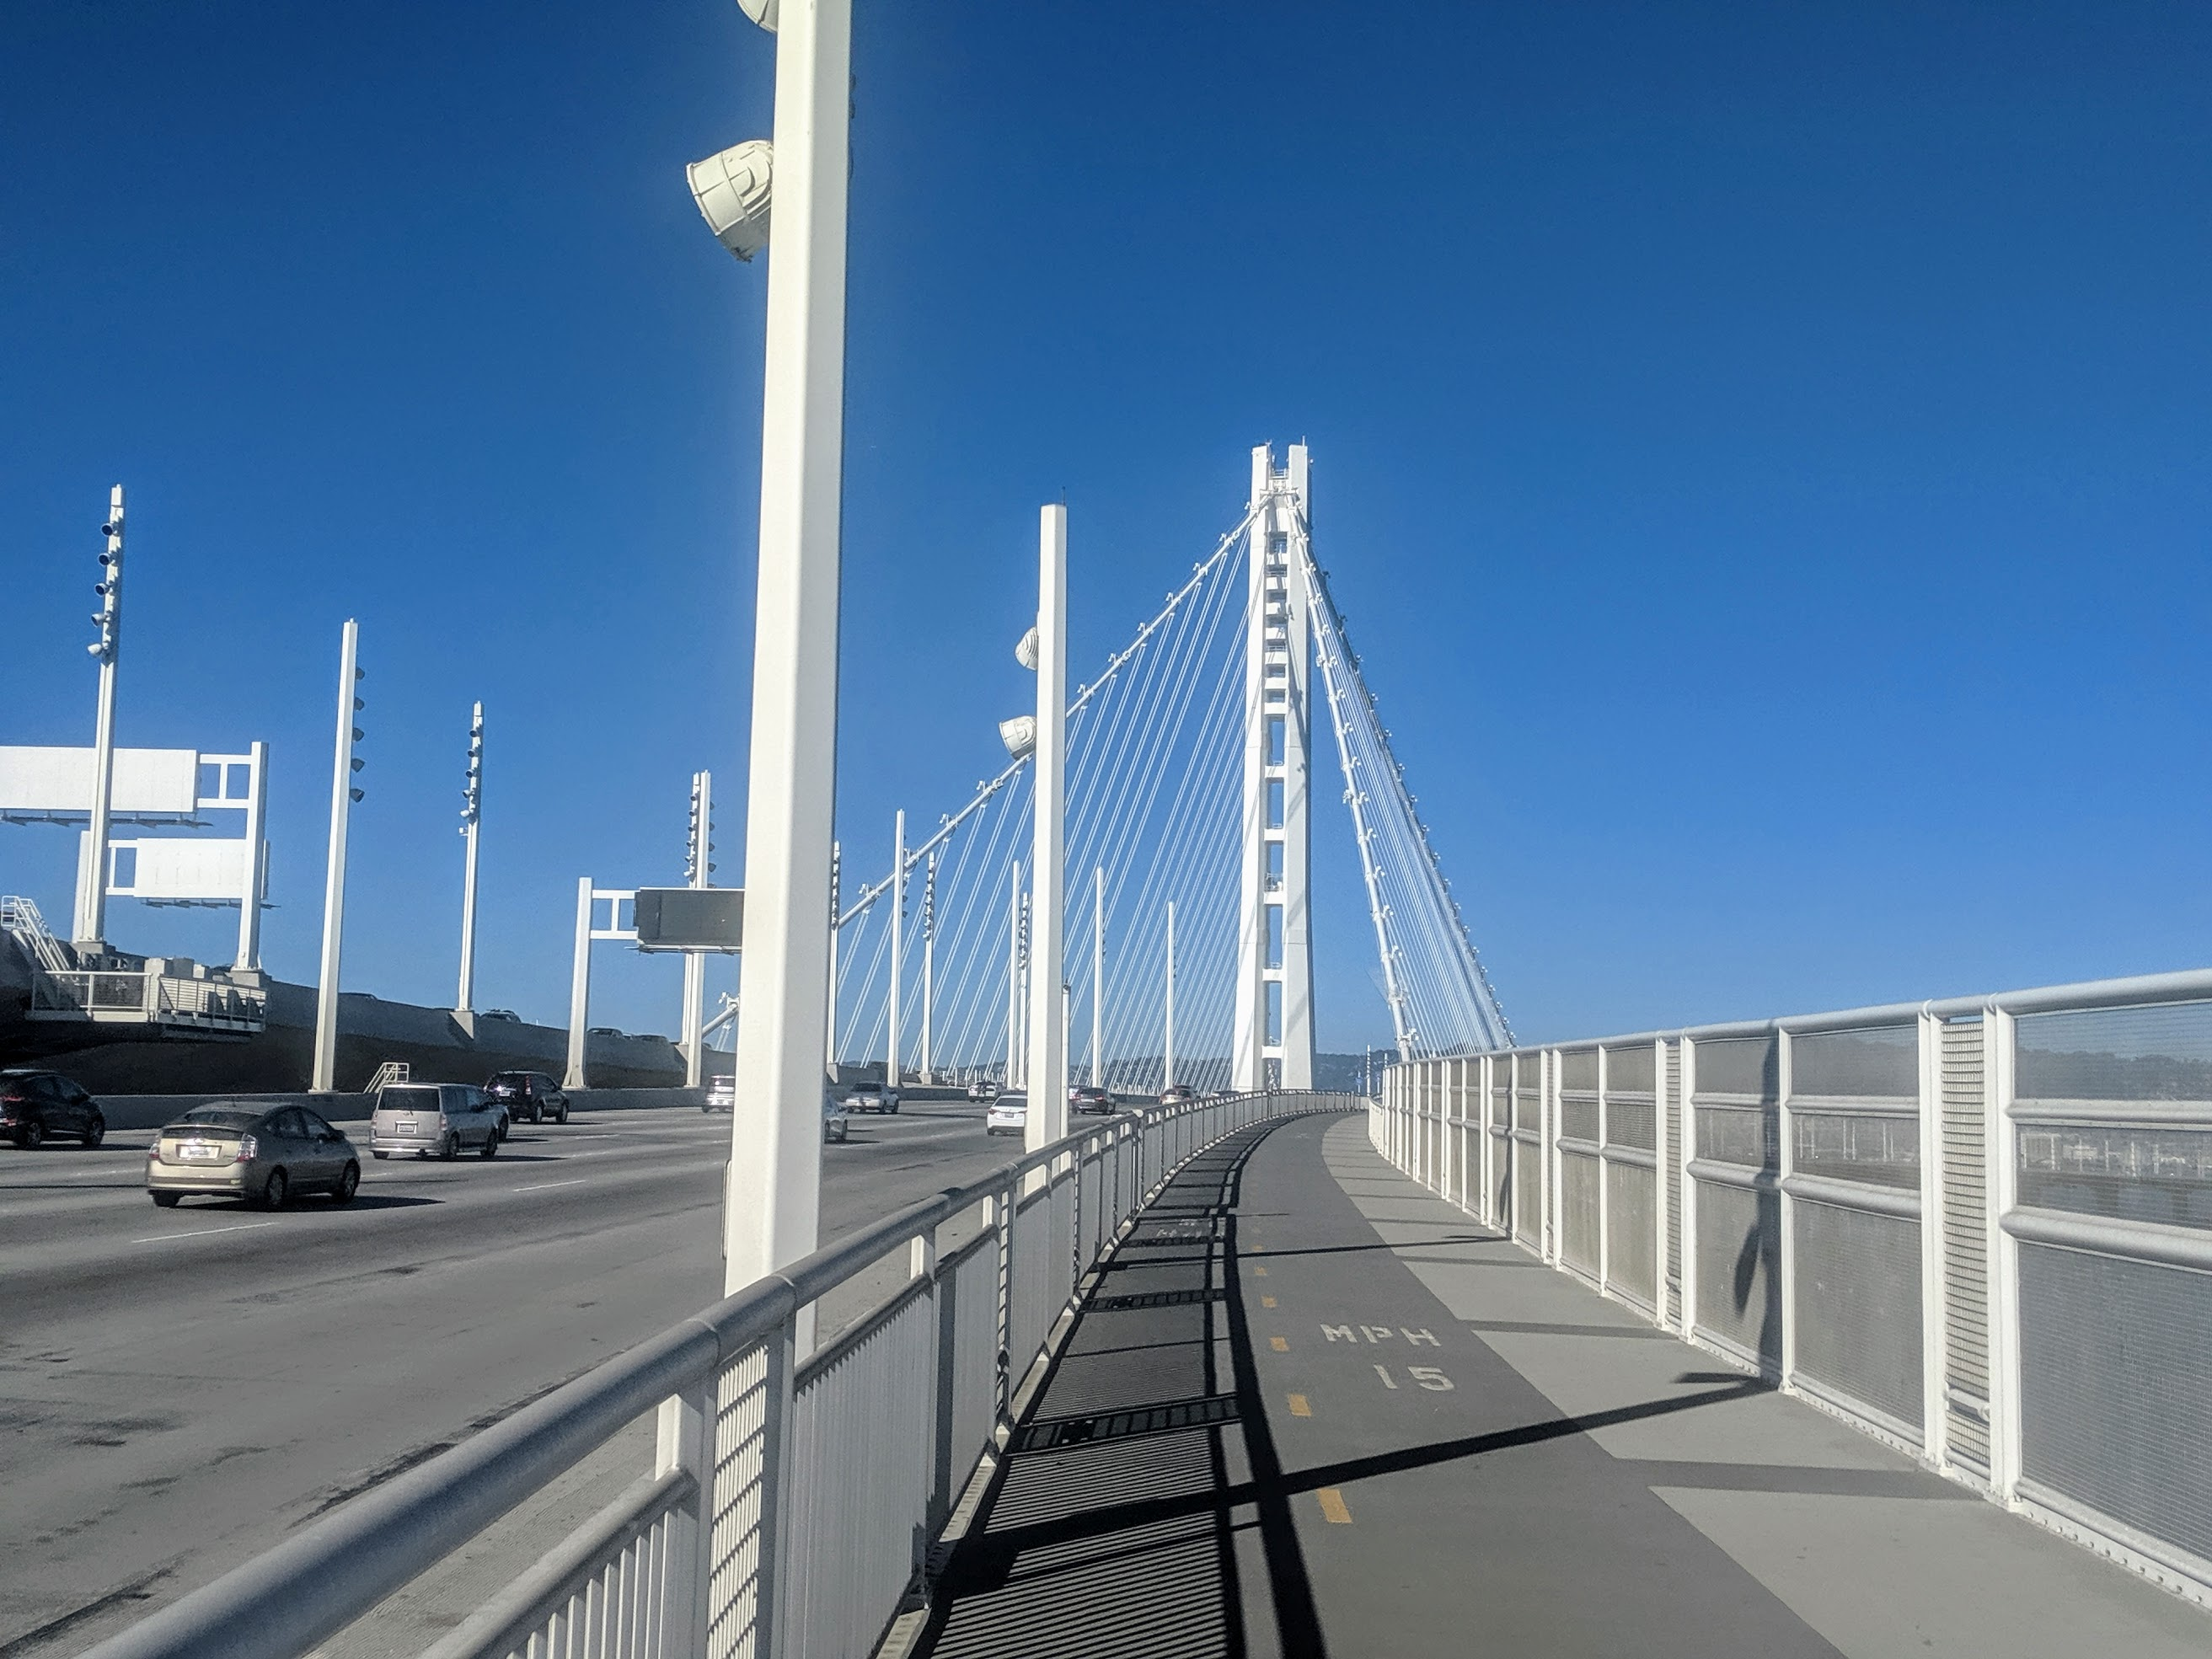 Tra le mie escursioni preferite non poteva mancare il Bay Bridge, Oakland span. Solitamente lascio la macchina o la moto al parcheggio dell'IKEA di Emeryville e sull'altro lato della strada parte il Bay Bridge Trail che porta al ponte. Attraversato questo tratto della baia e raggiunta Treasure Island all'altezza del Bay Bridge Trail Lookout ritorno al punto di partenza. Il percorso totale è di circa 17.3 km.